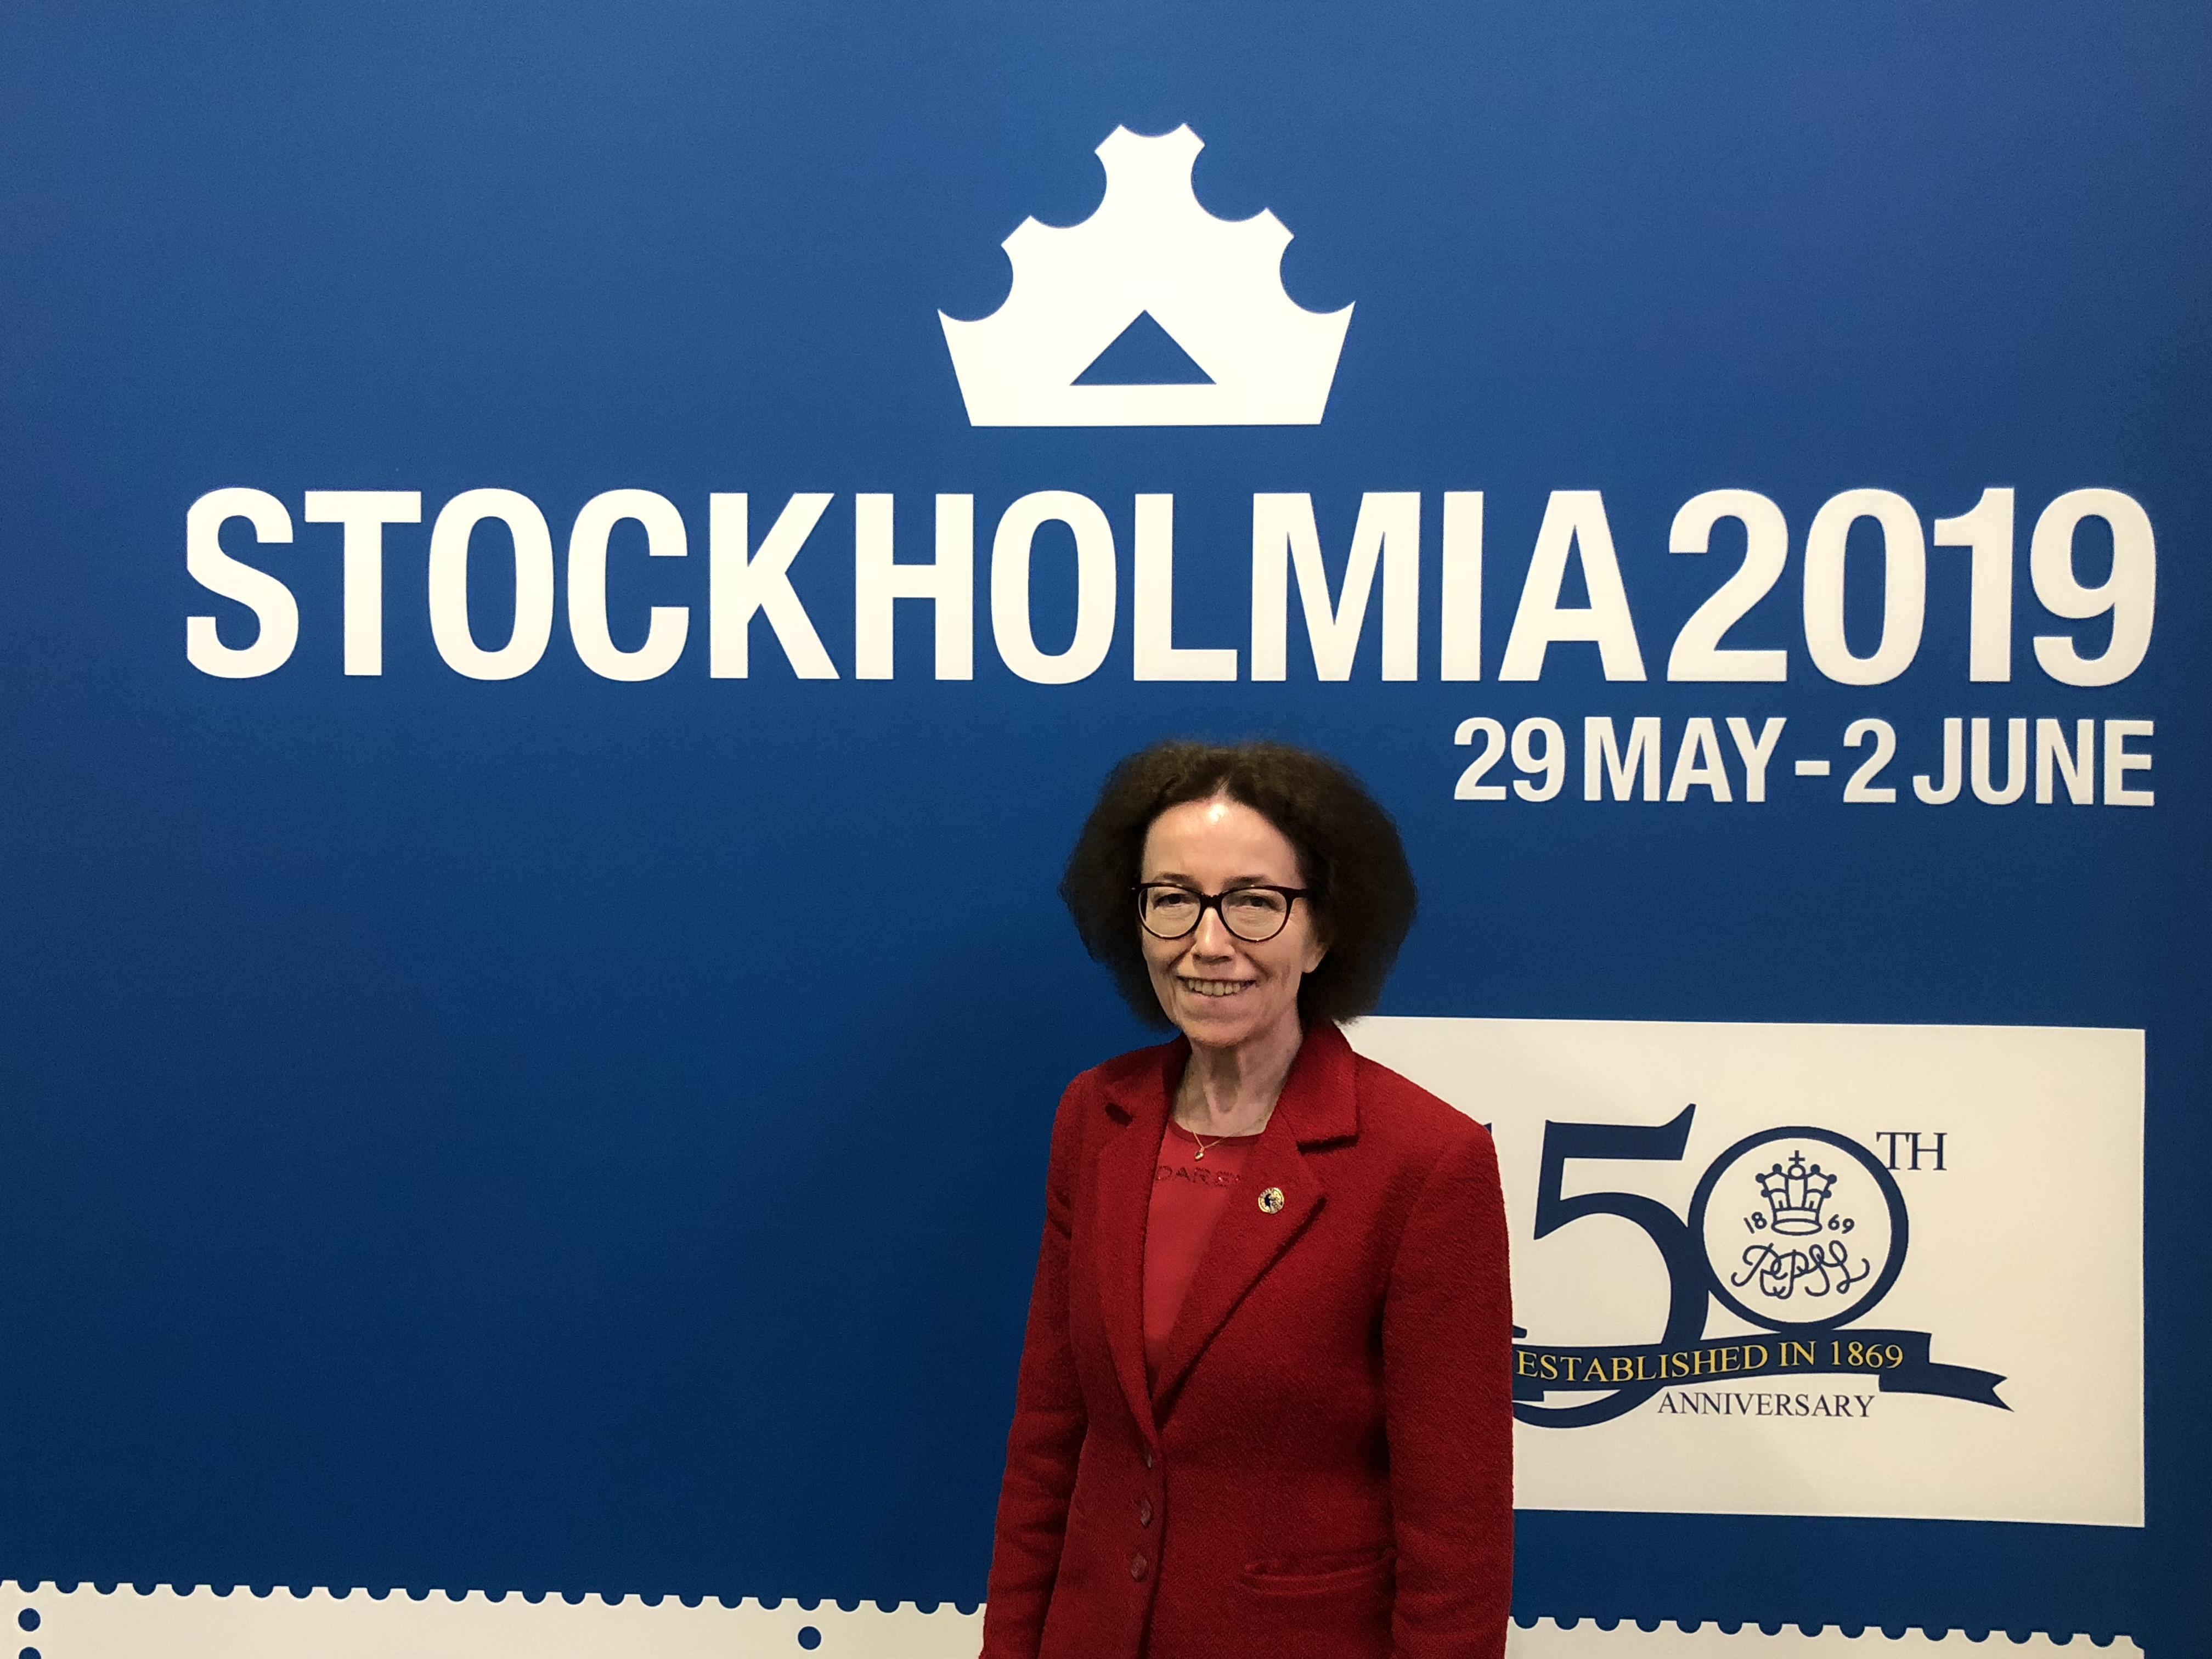 1316e9b05d33 STOCKHOLMIA 2019 - Home